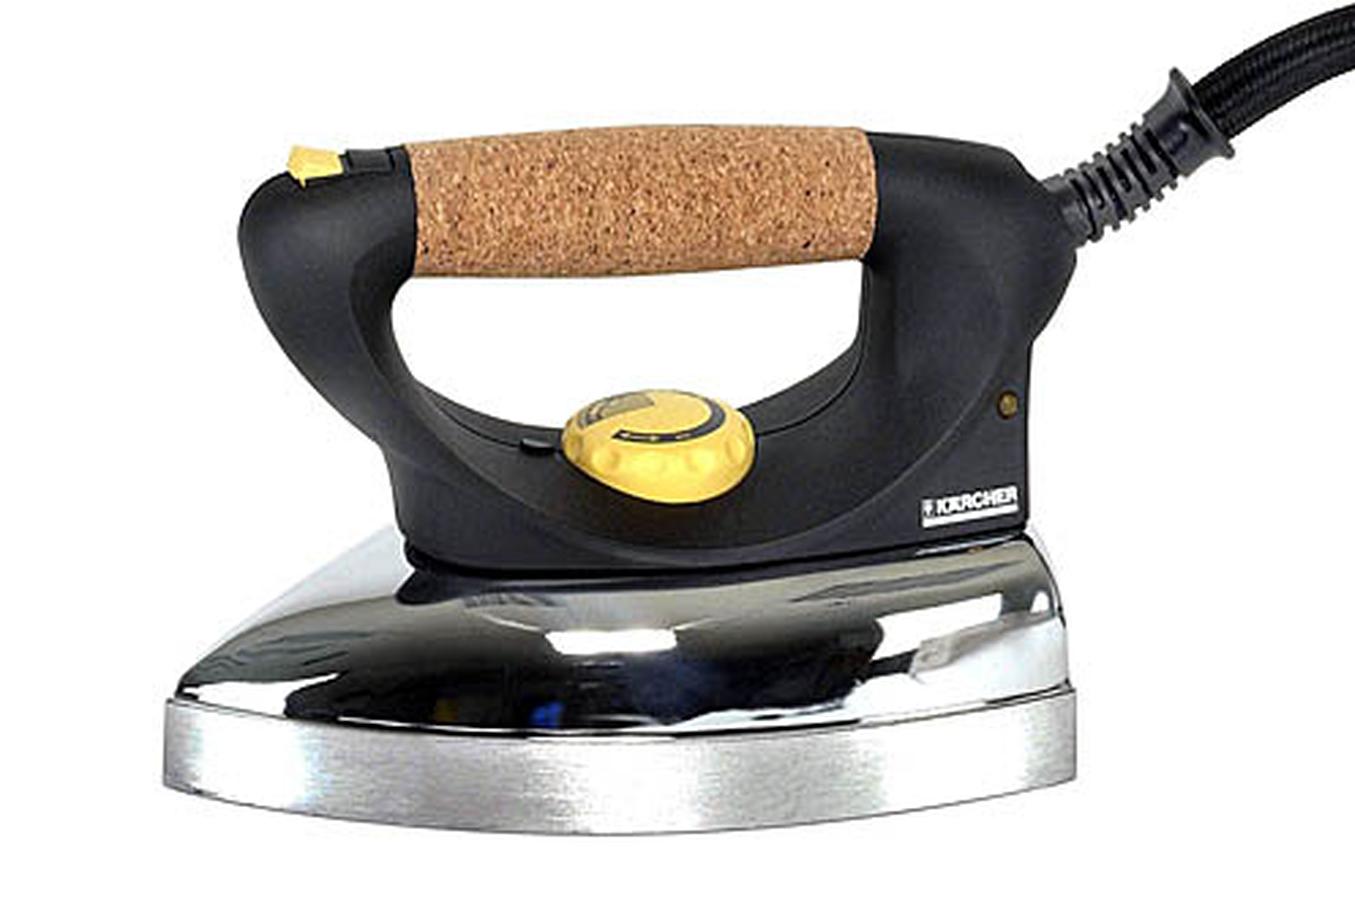 Darty nettoyeur vapeur best nettoyeur vapeur karcher darty with darty nettoyeur vapeur - Nettoyeur vapeur pour canape ...